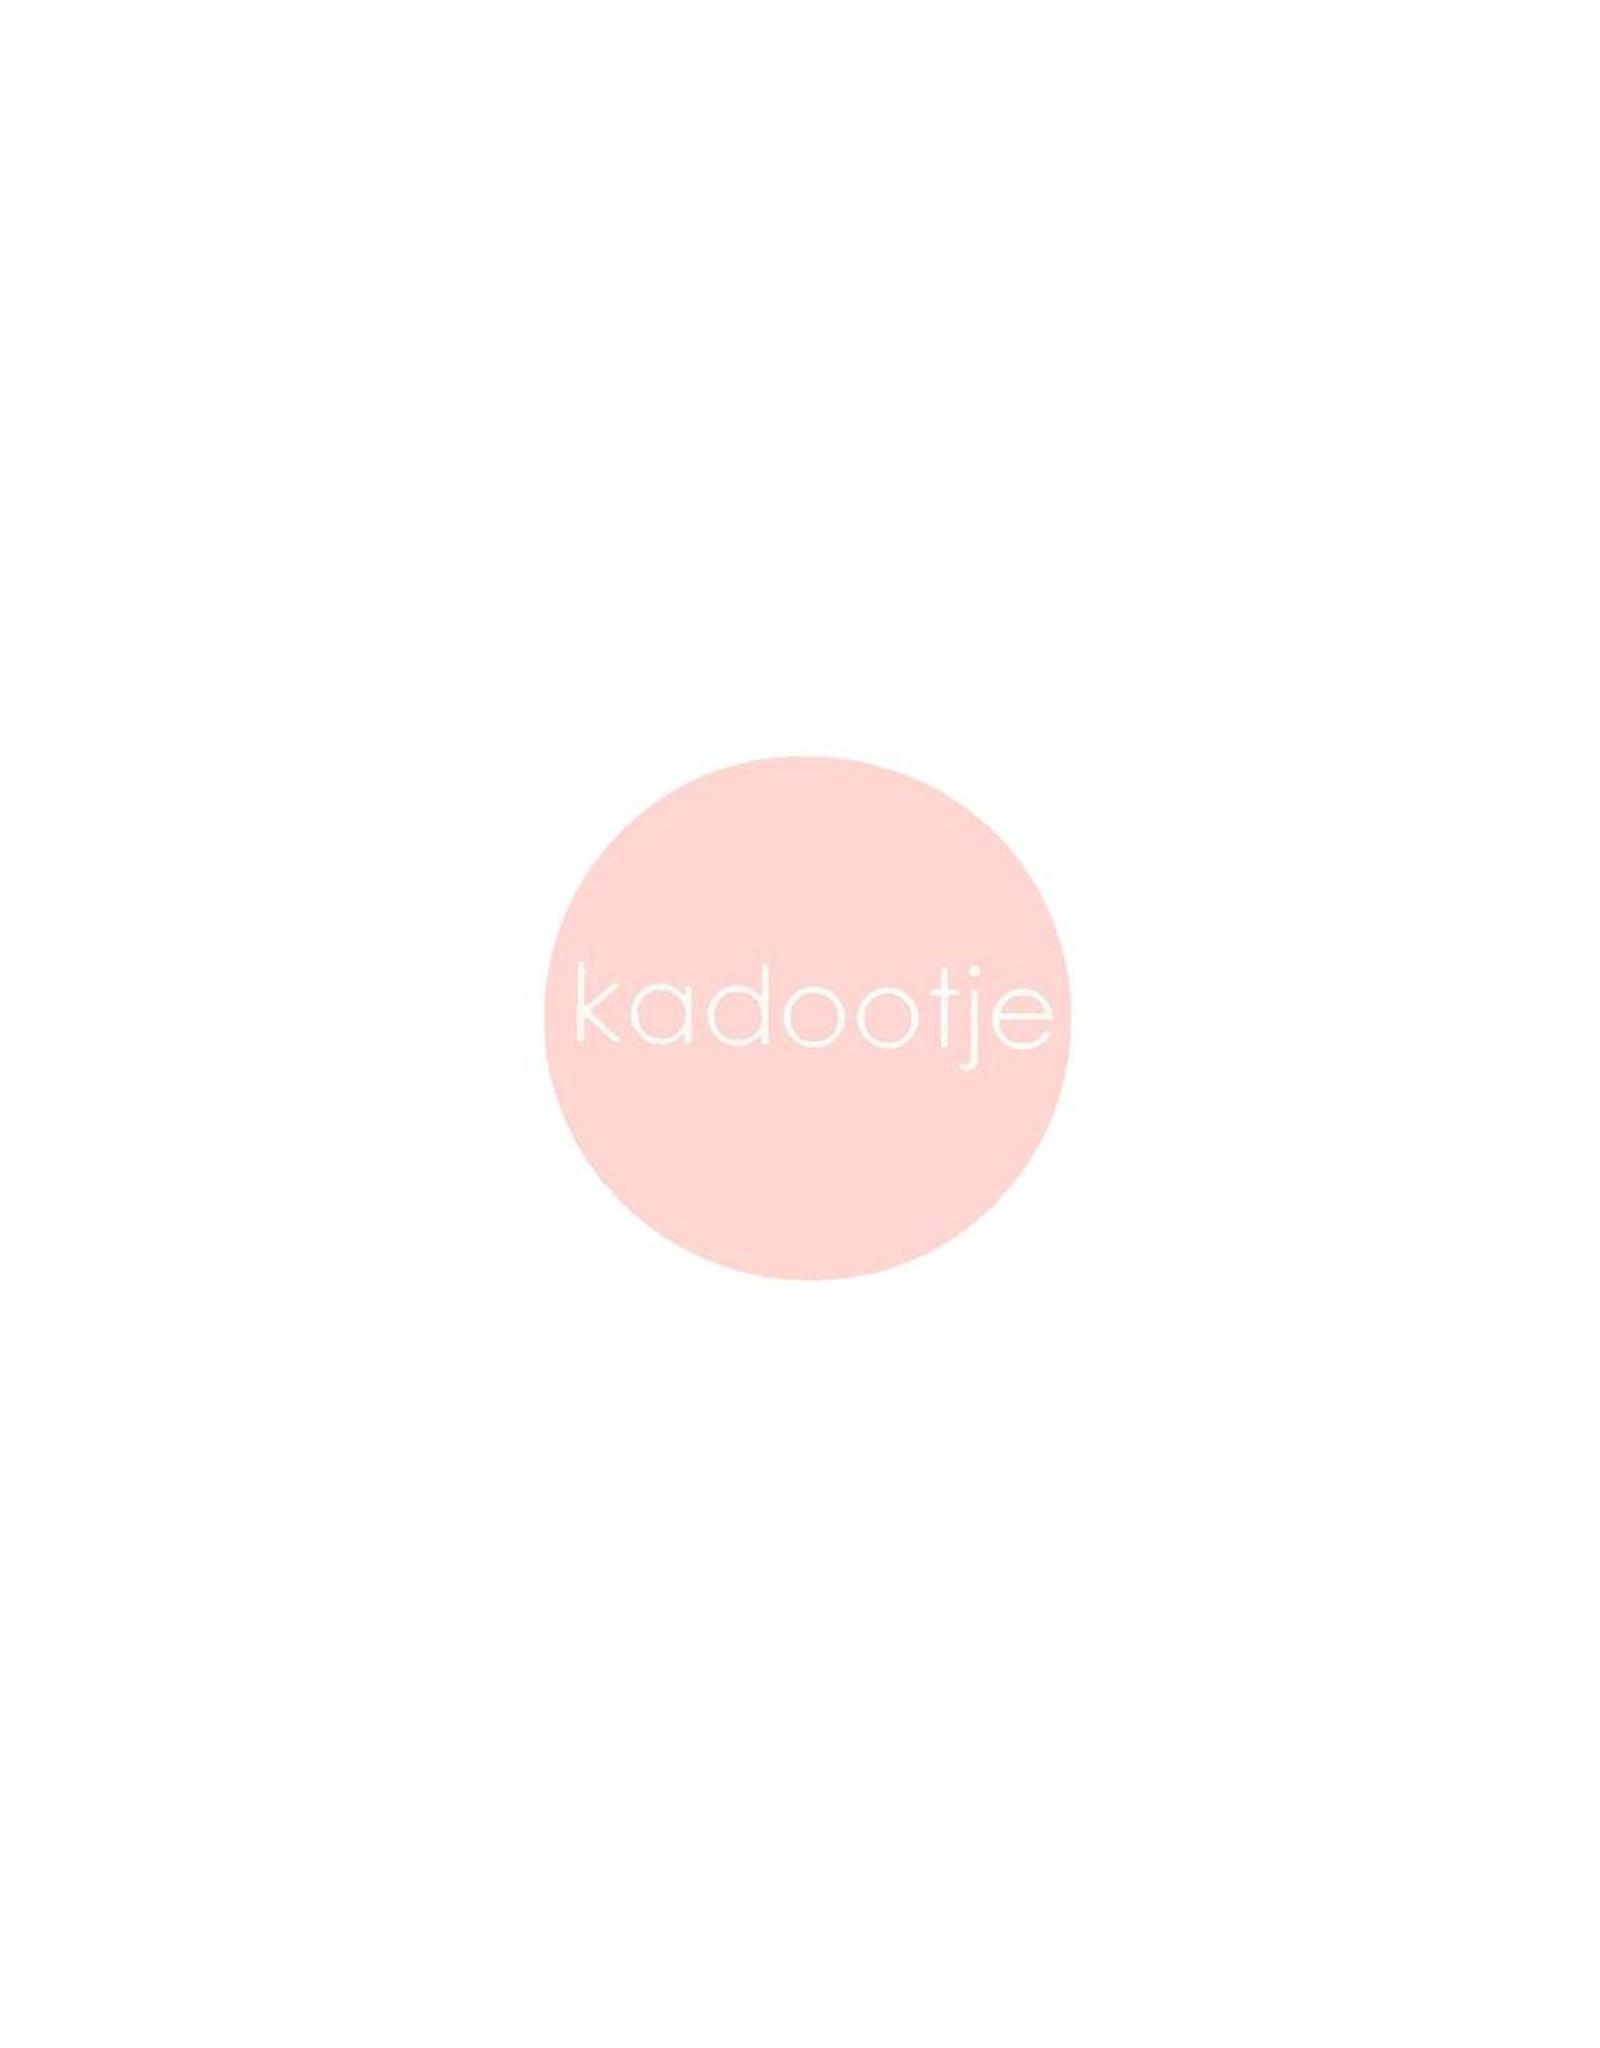 Stickers 5 st. kadootje roze